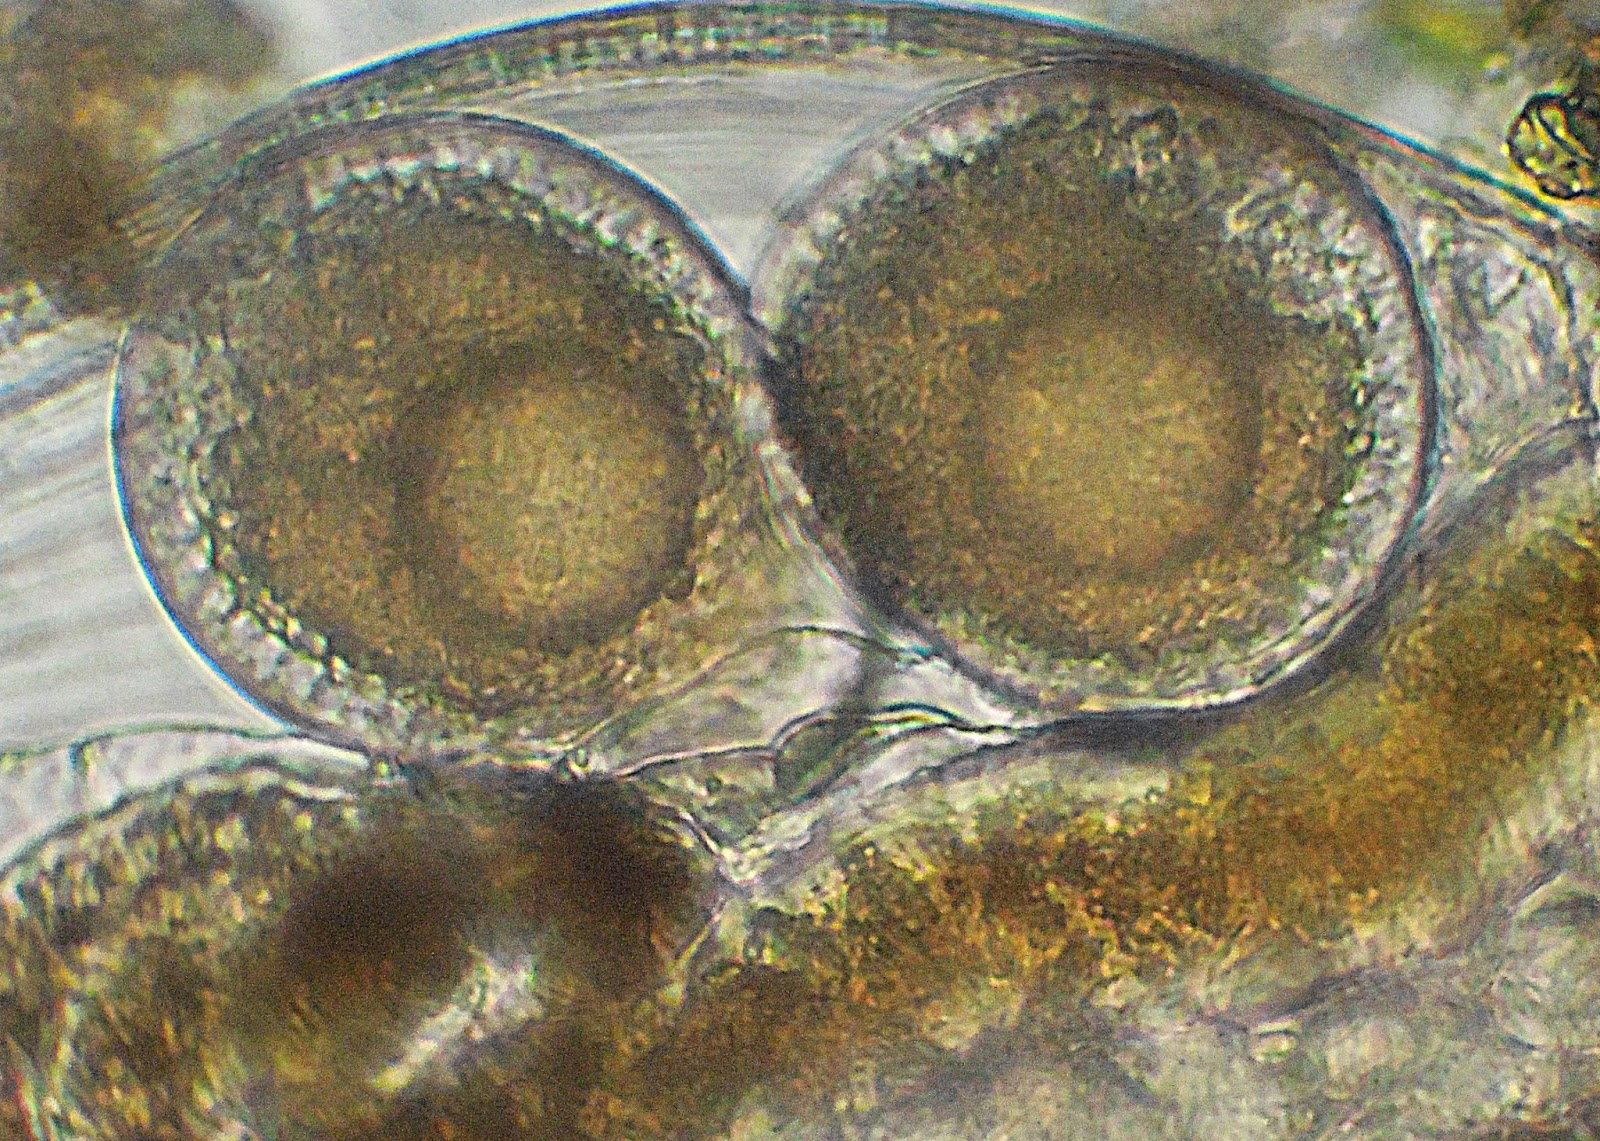 10 Vetrini Preparati Microscopio KONUS studio goccia acqua biologia